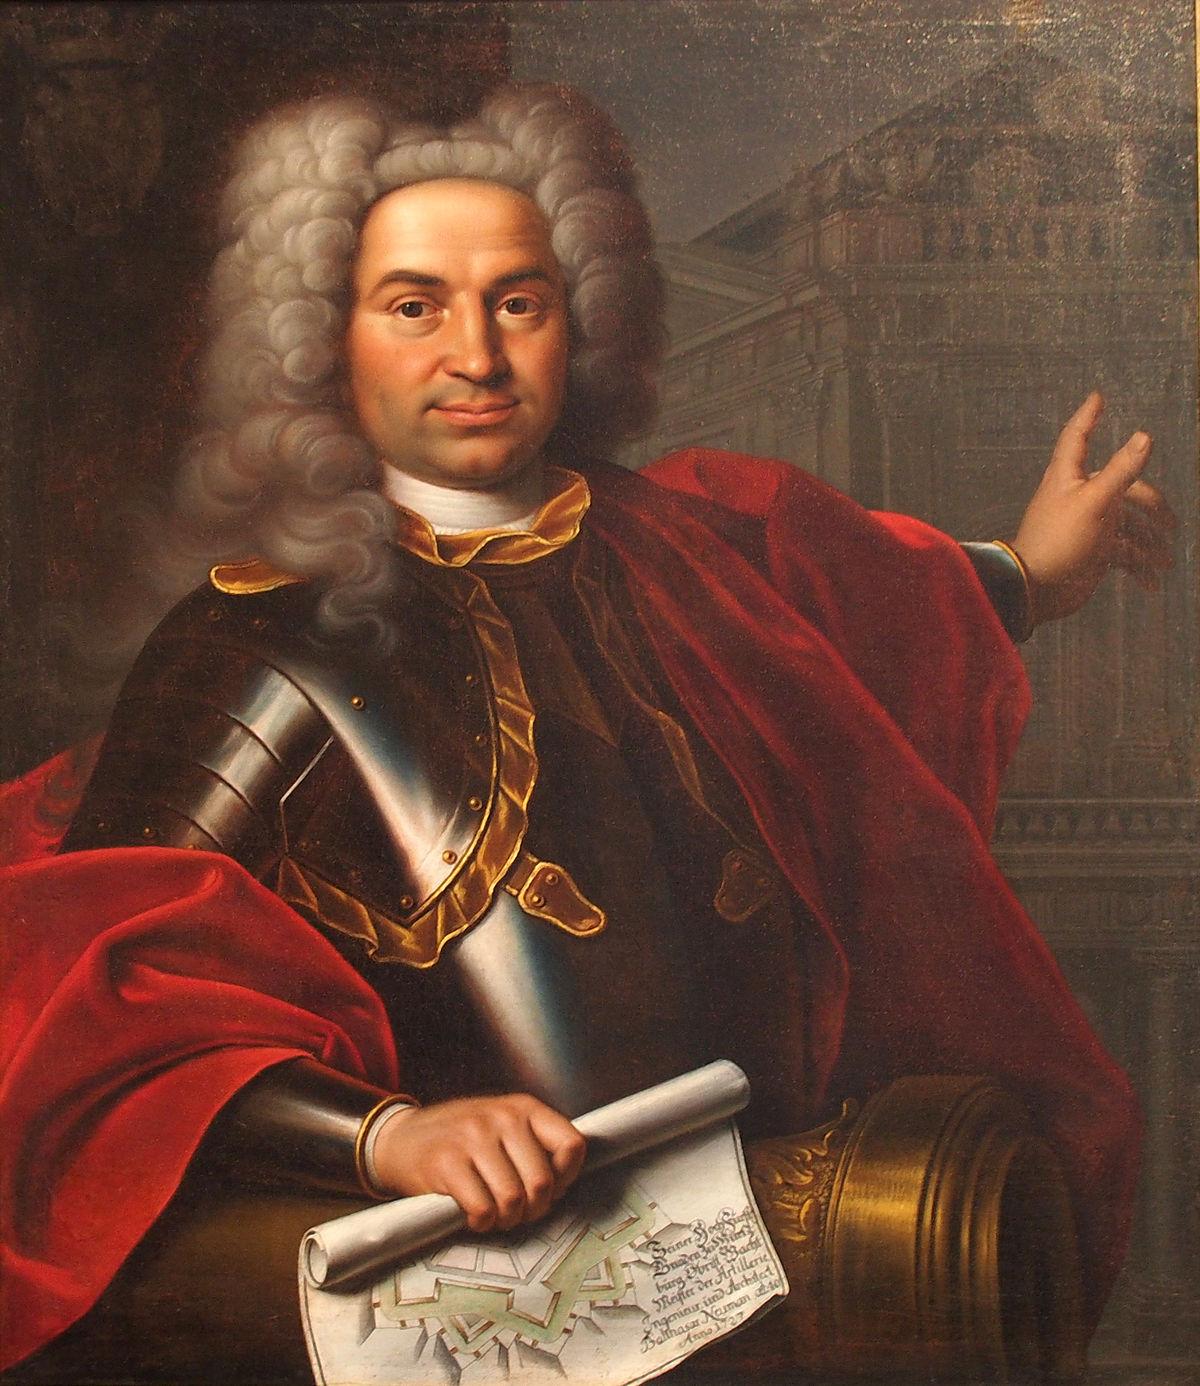 About: Balthasar Neumann